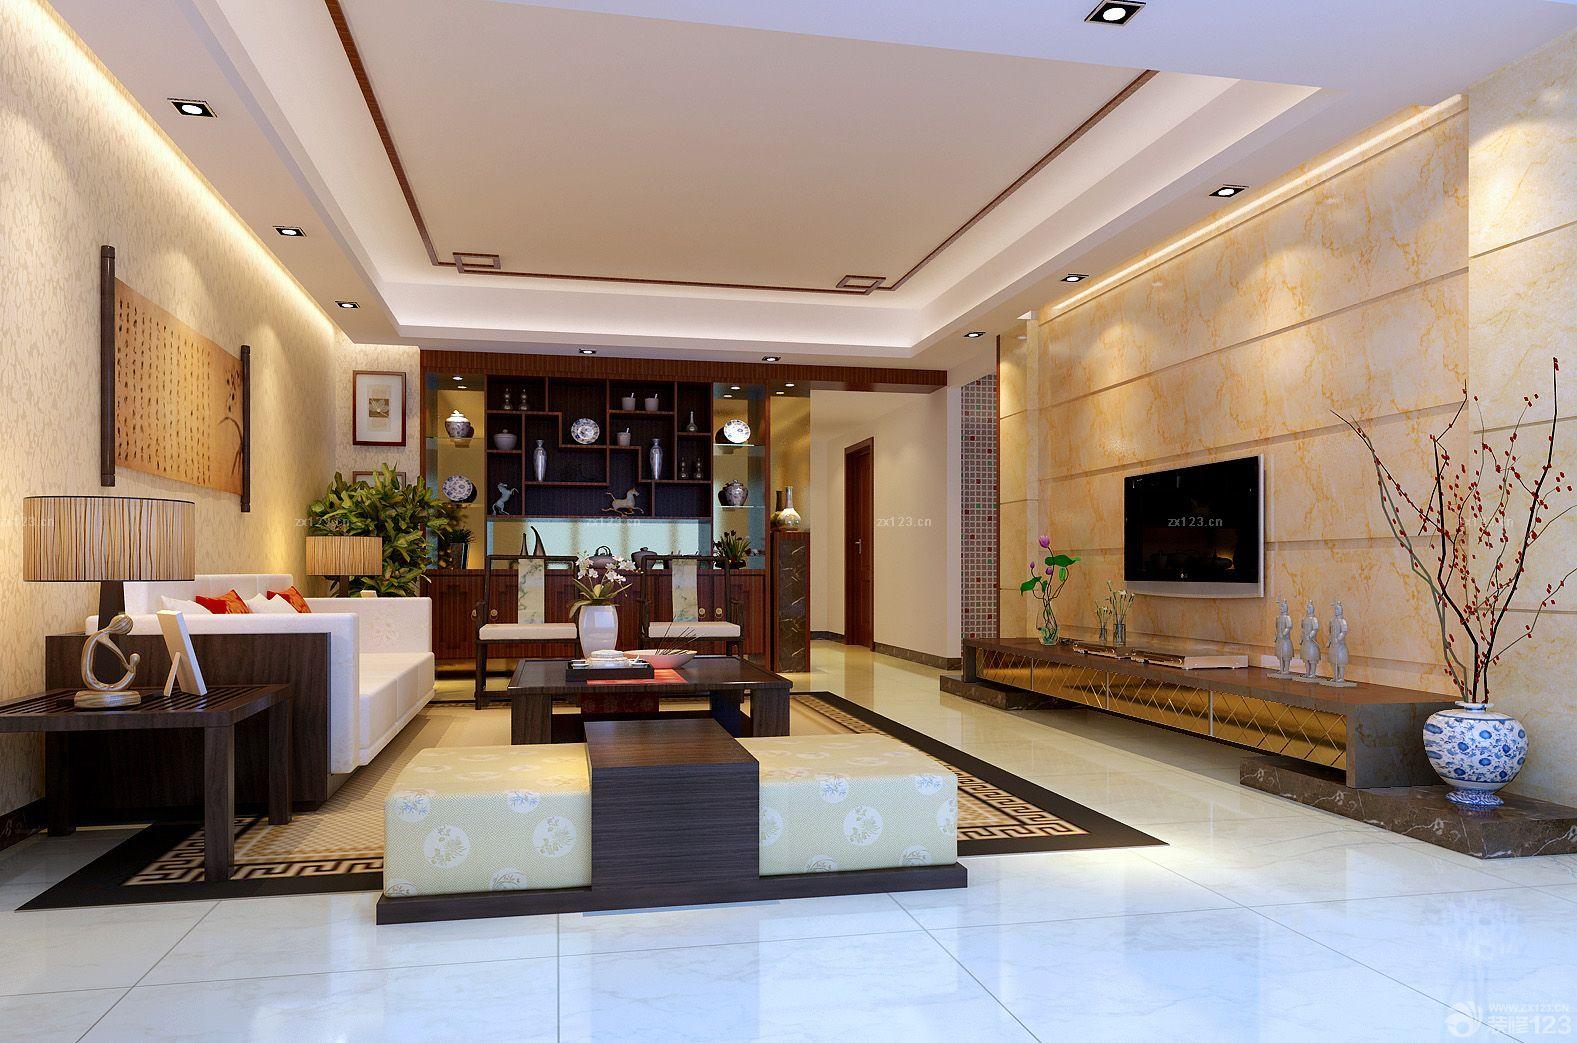 现代中式风格长方形客厅瓷砖电视背景墙效果图图片